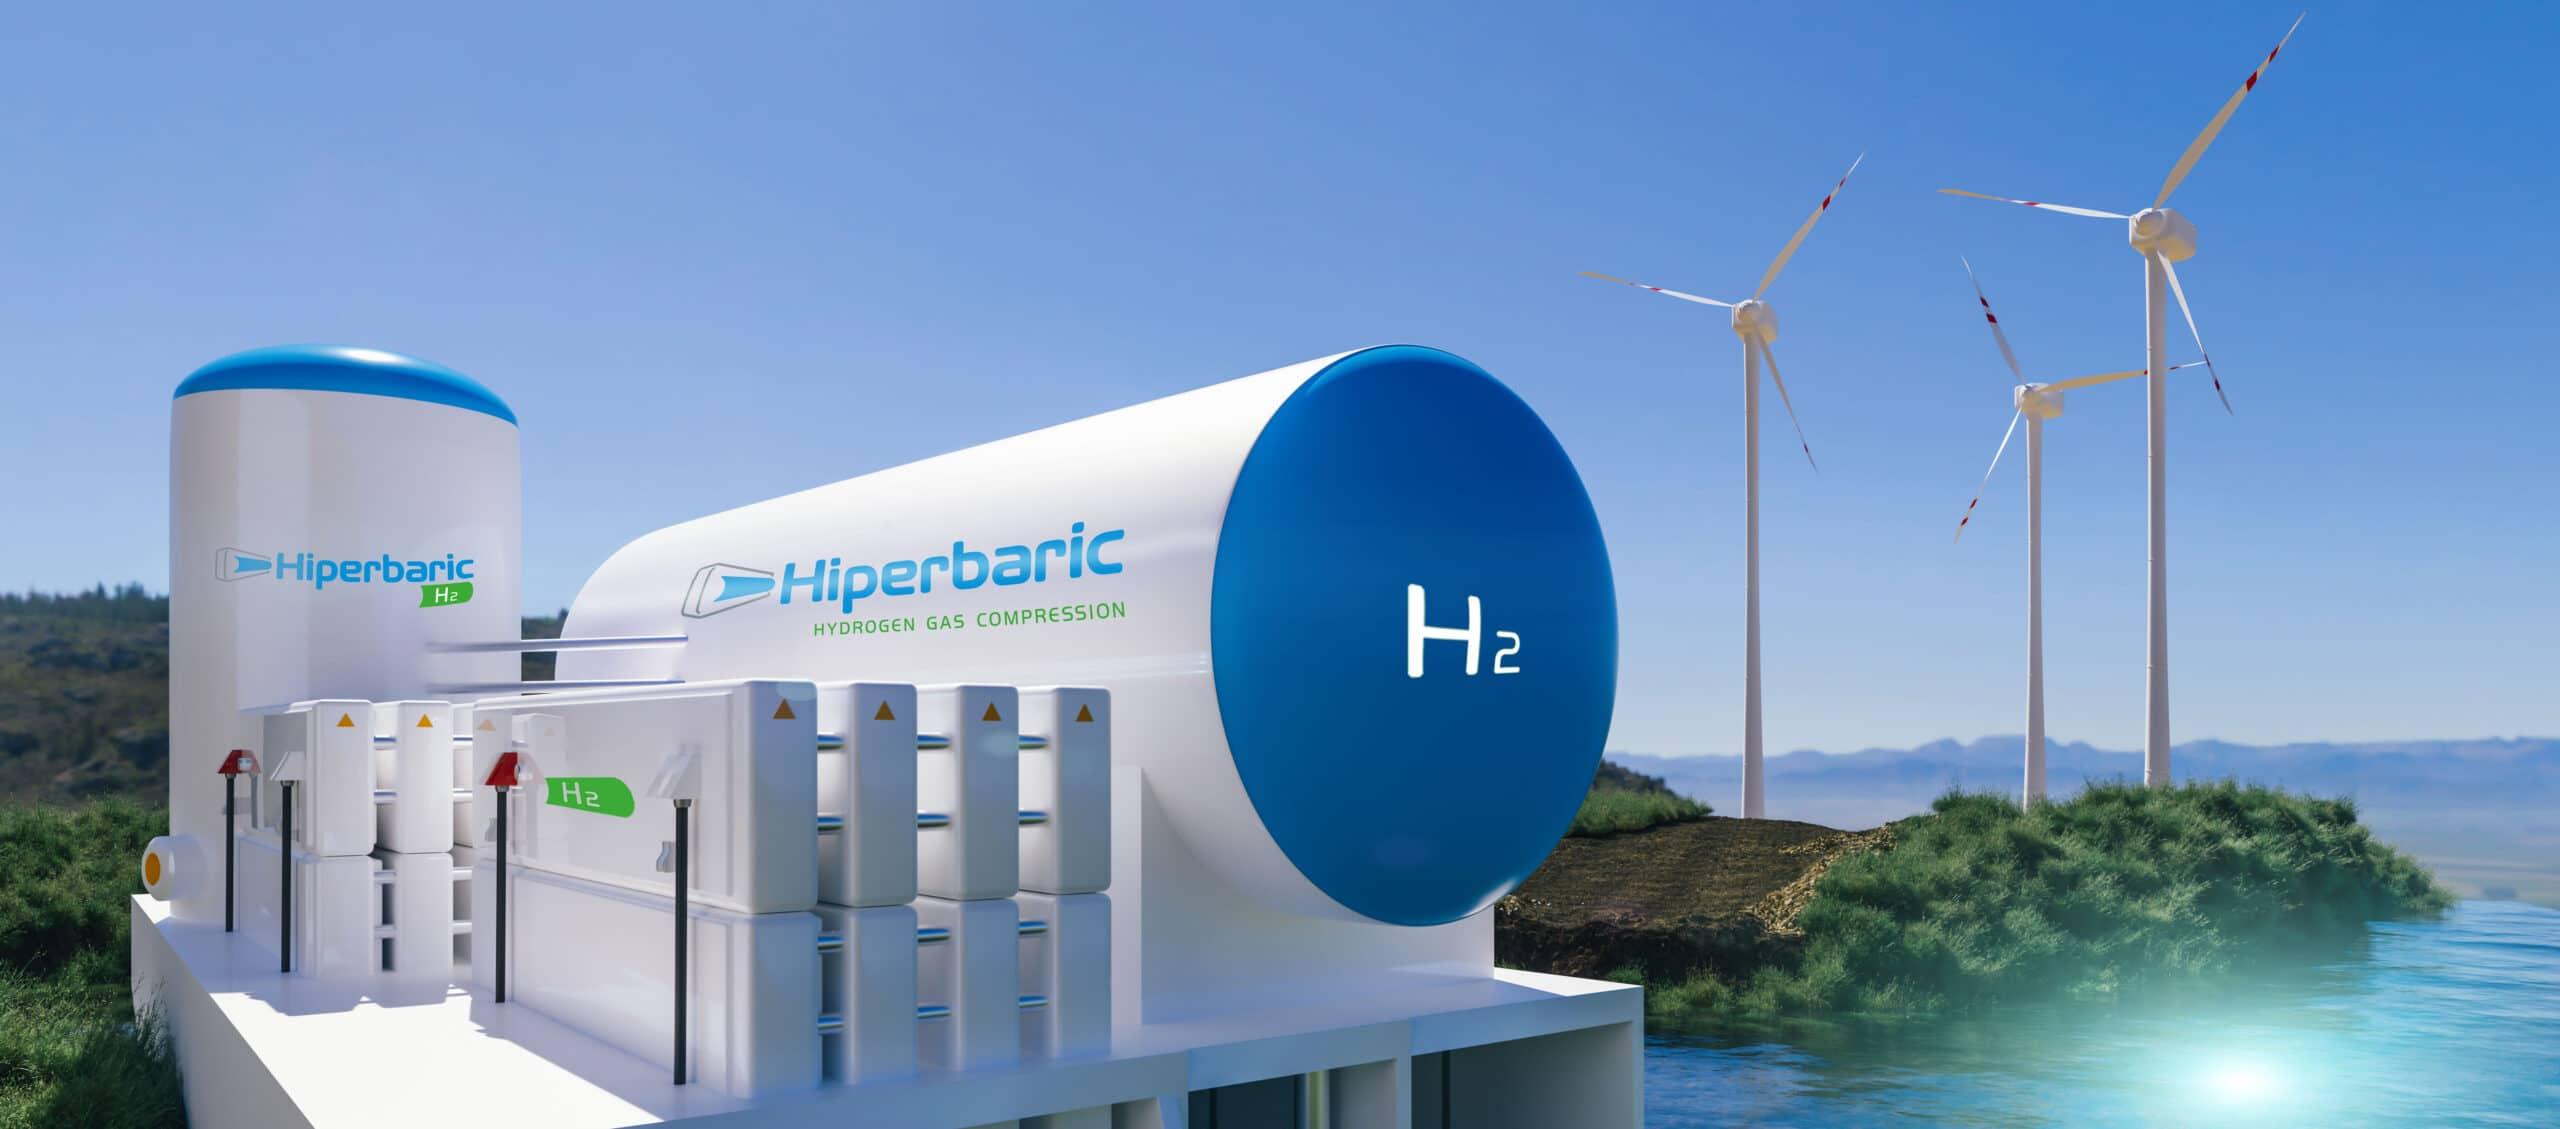 2. Almacenamiento de hidrógeno final